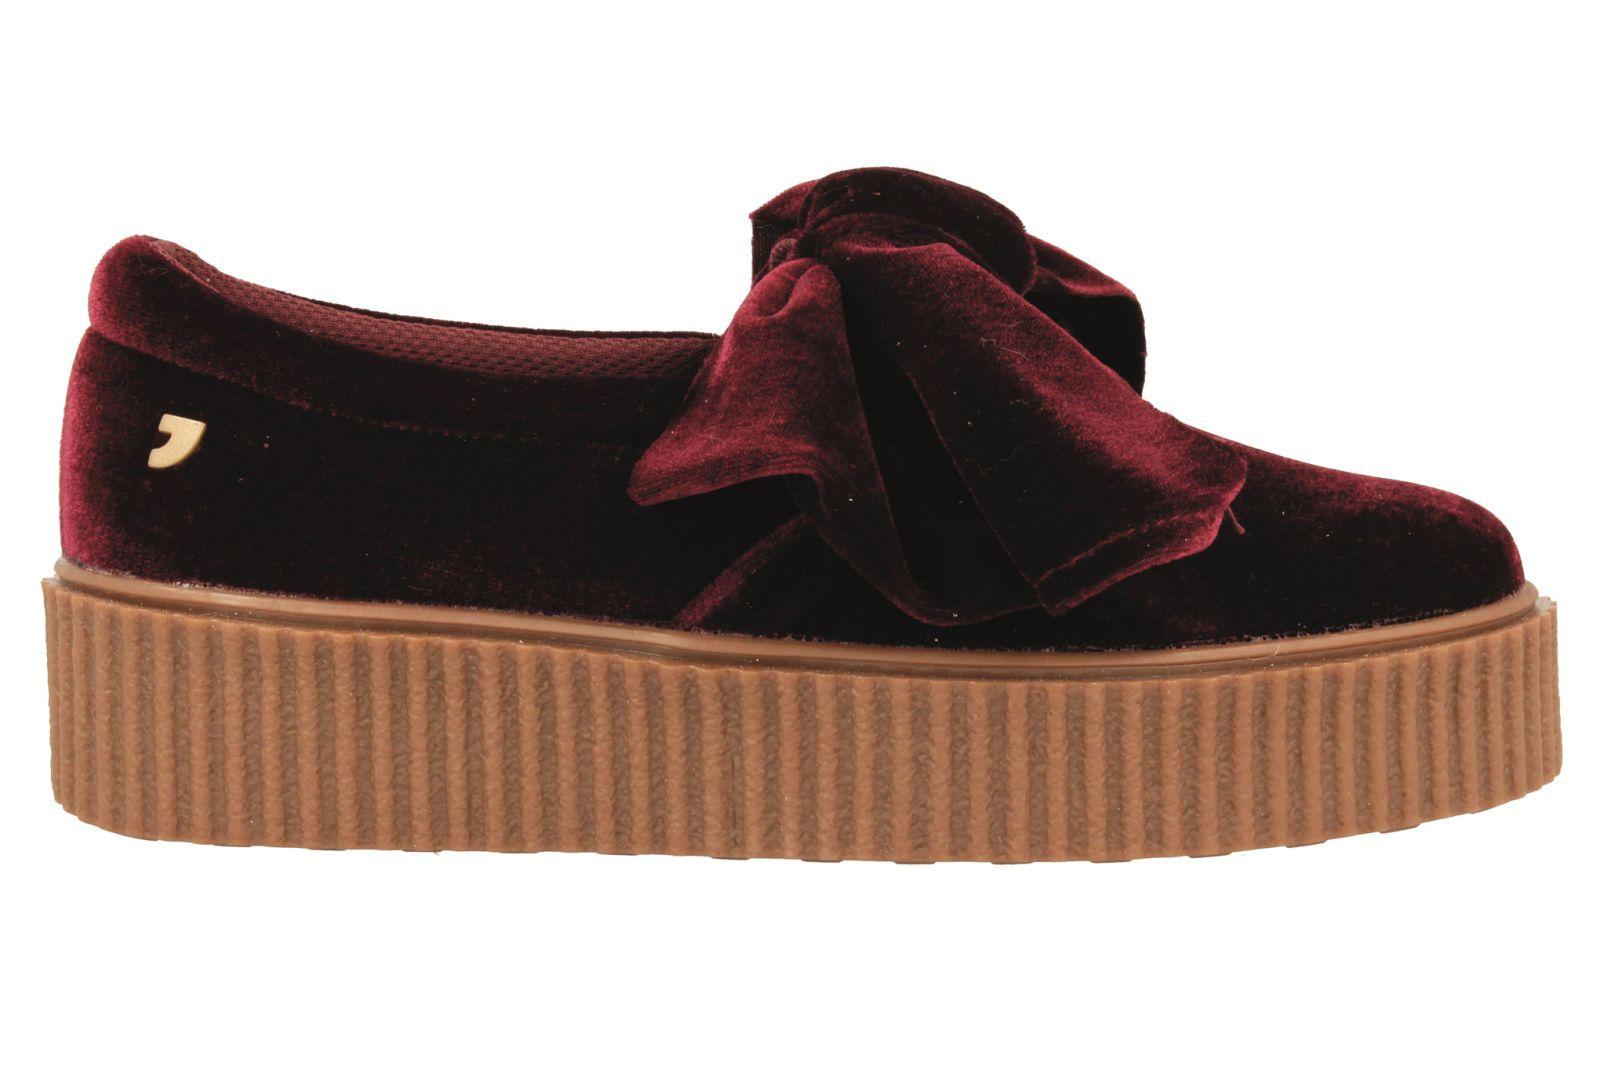 Acquista scarpe nike con suola alta - OFF44% sconti b9ccd5c1641